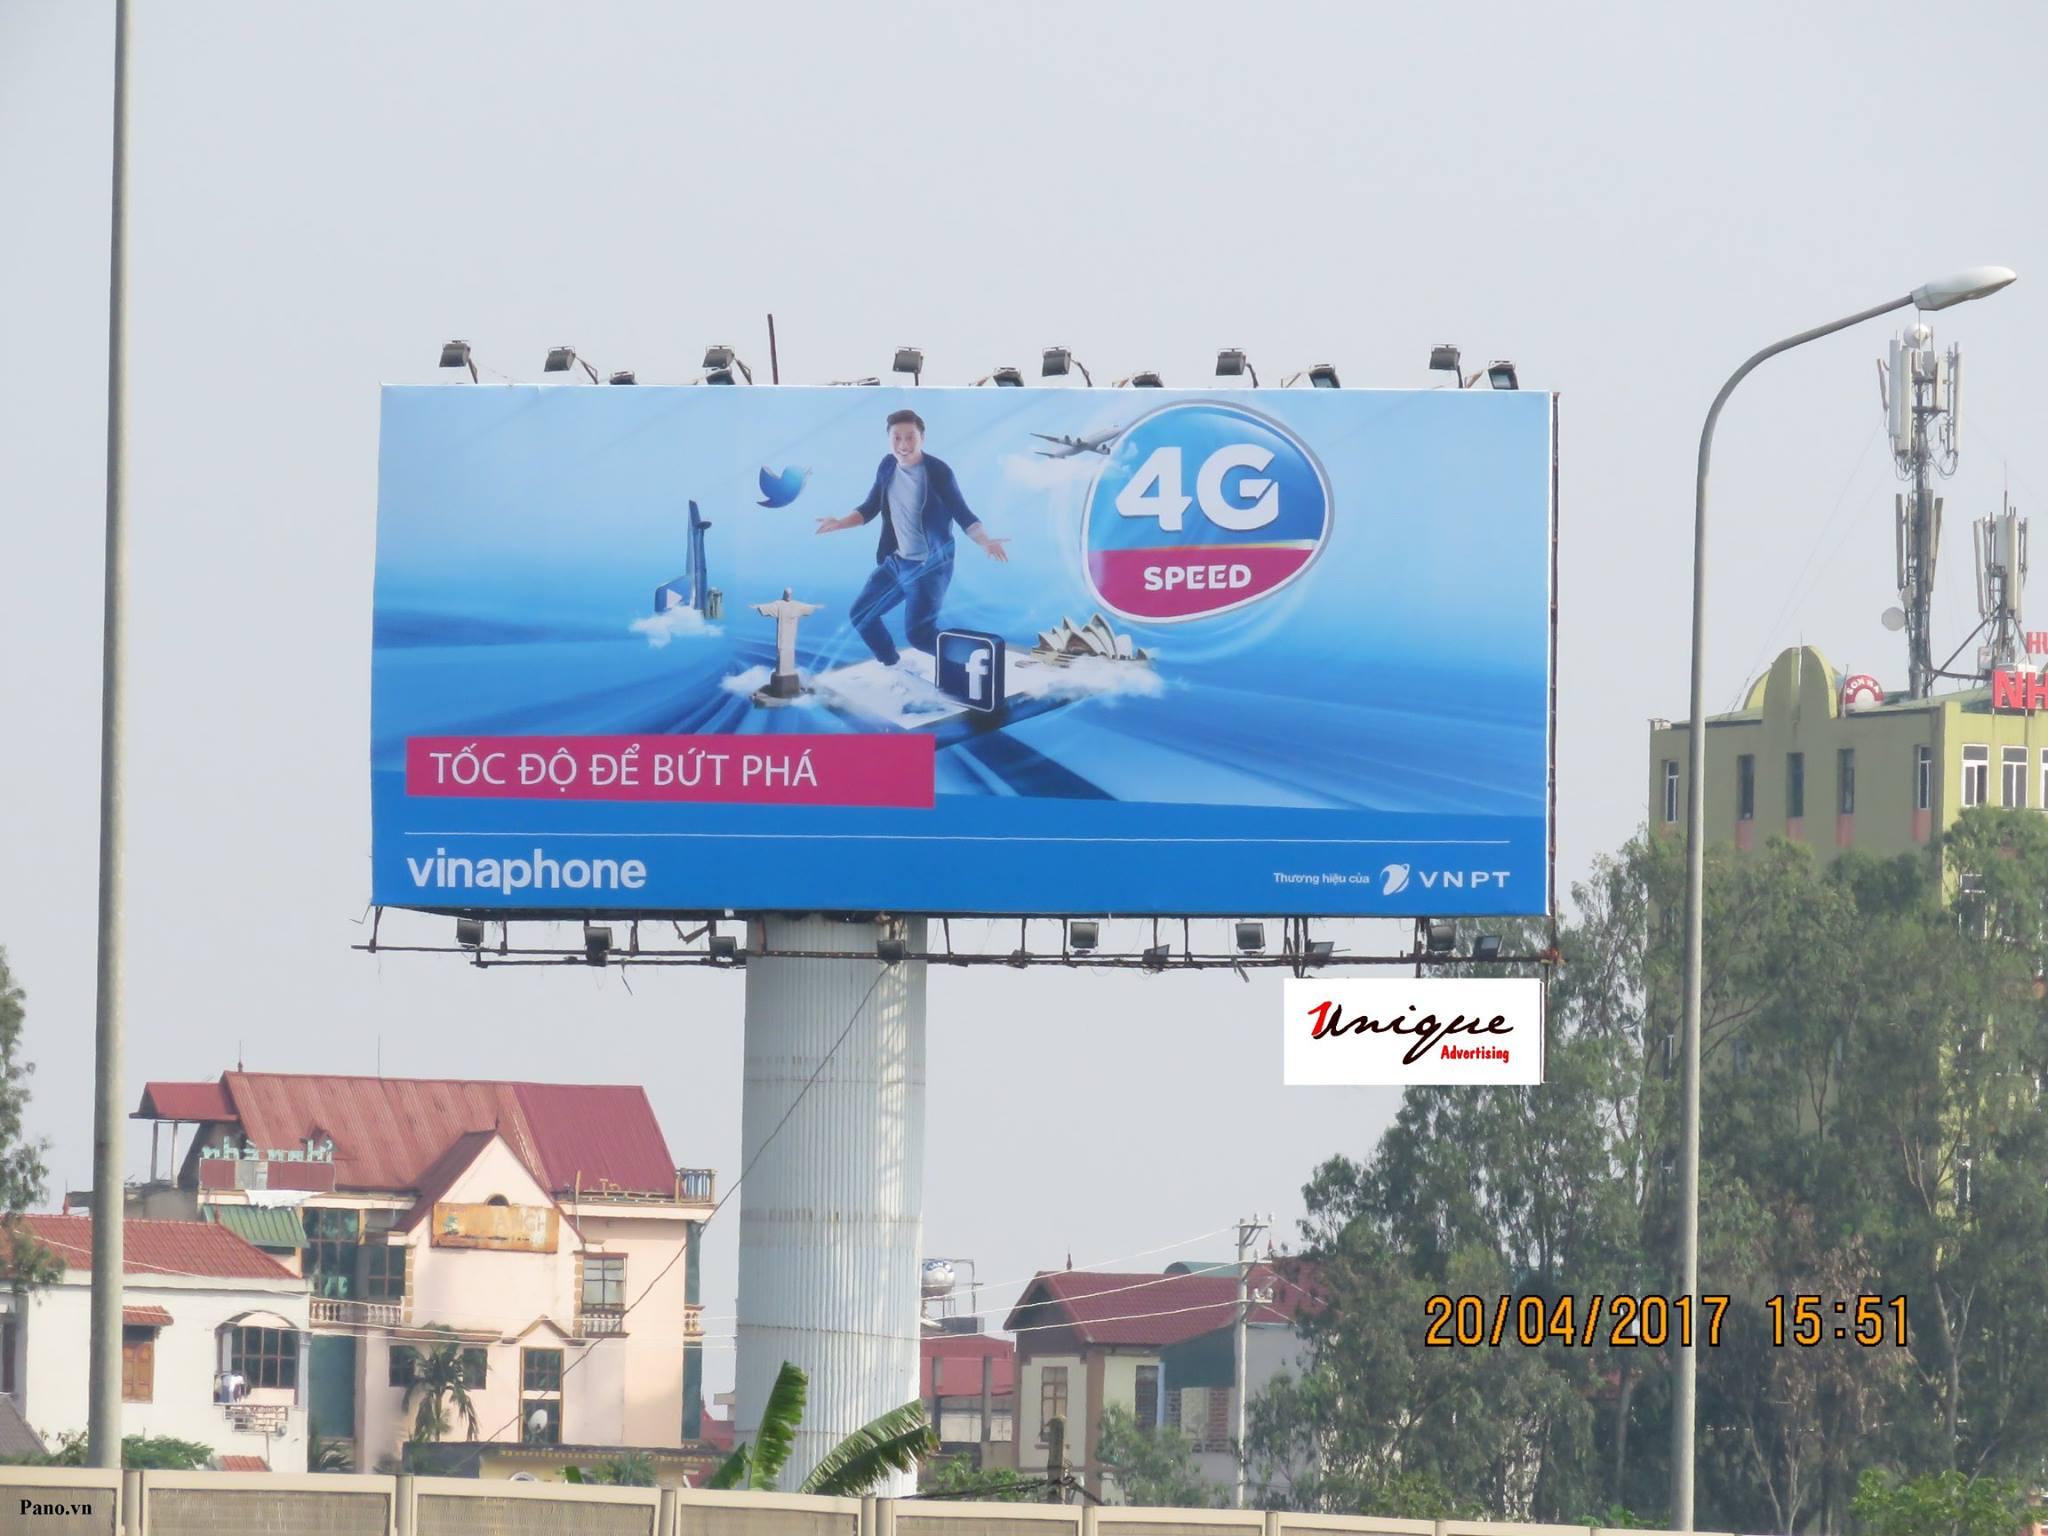 quảng cáo pano vinaphone 4G